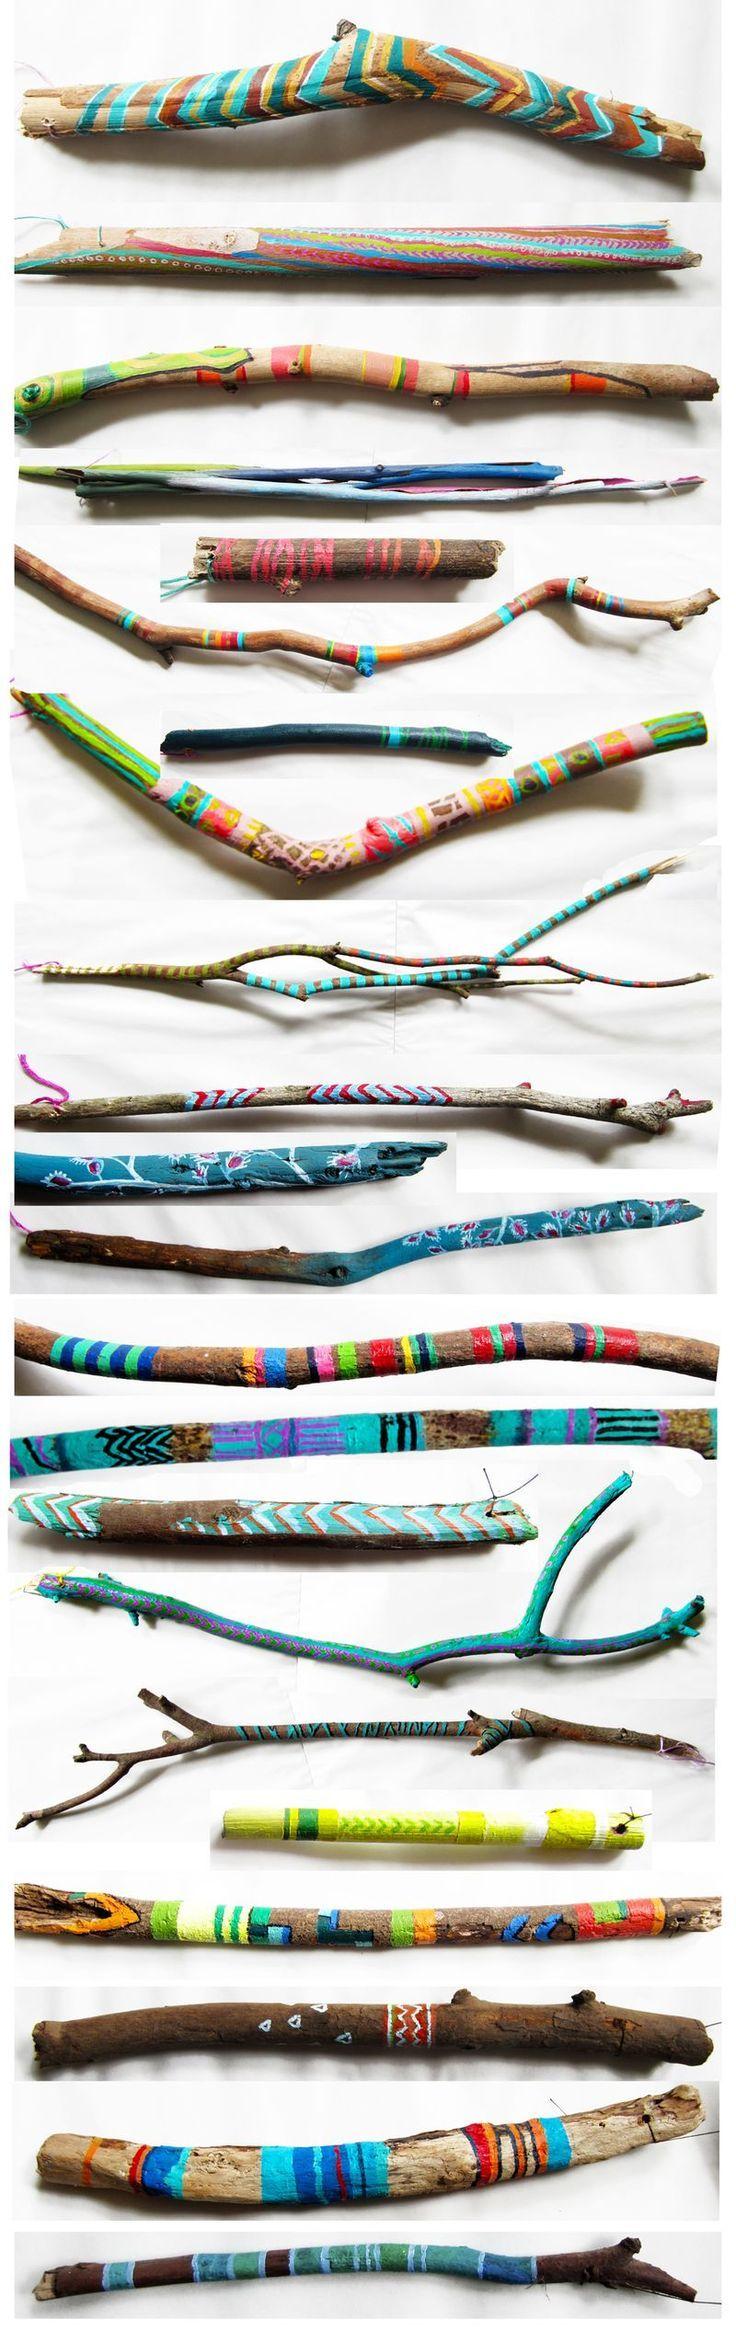 Deco shopping, tiendas online de decoración, Blog decoración, Easy DIY, DIY, ramas, madera,